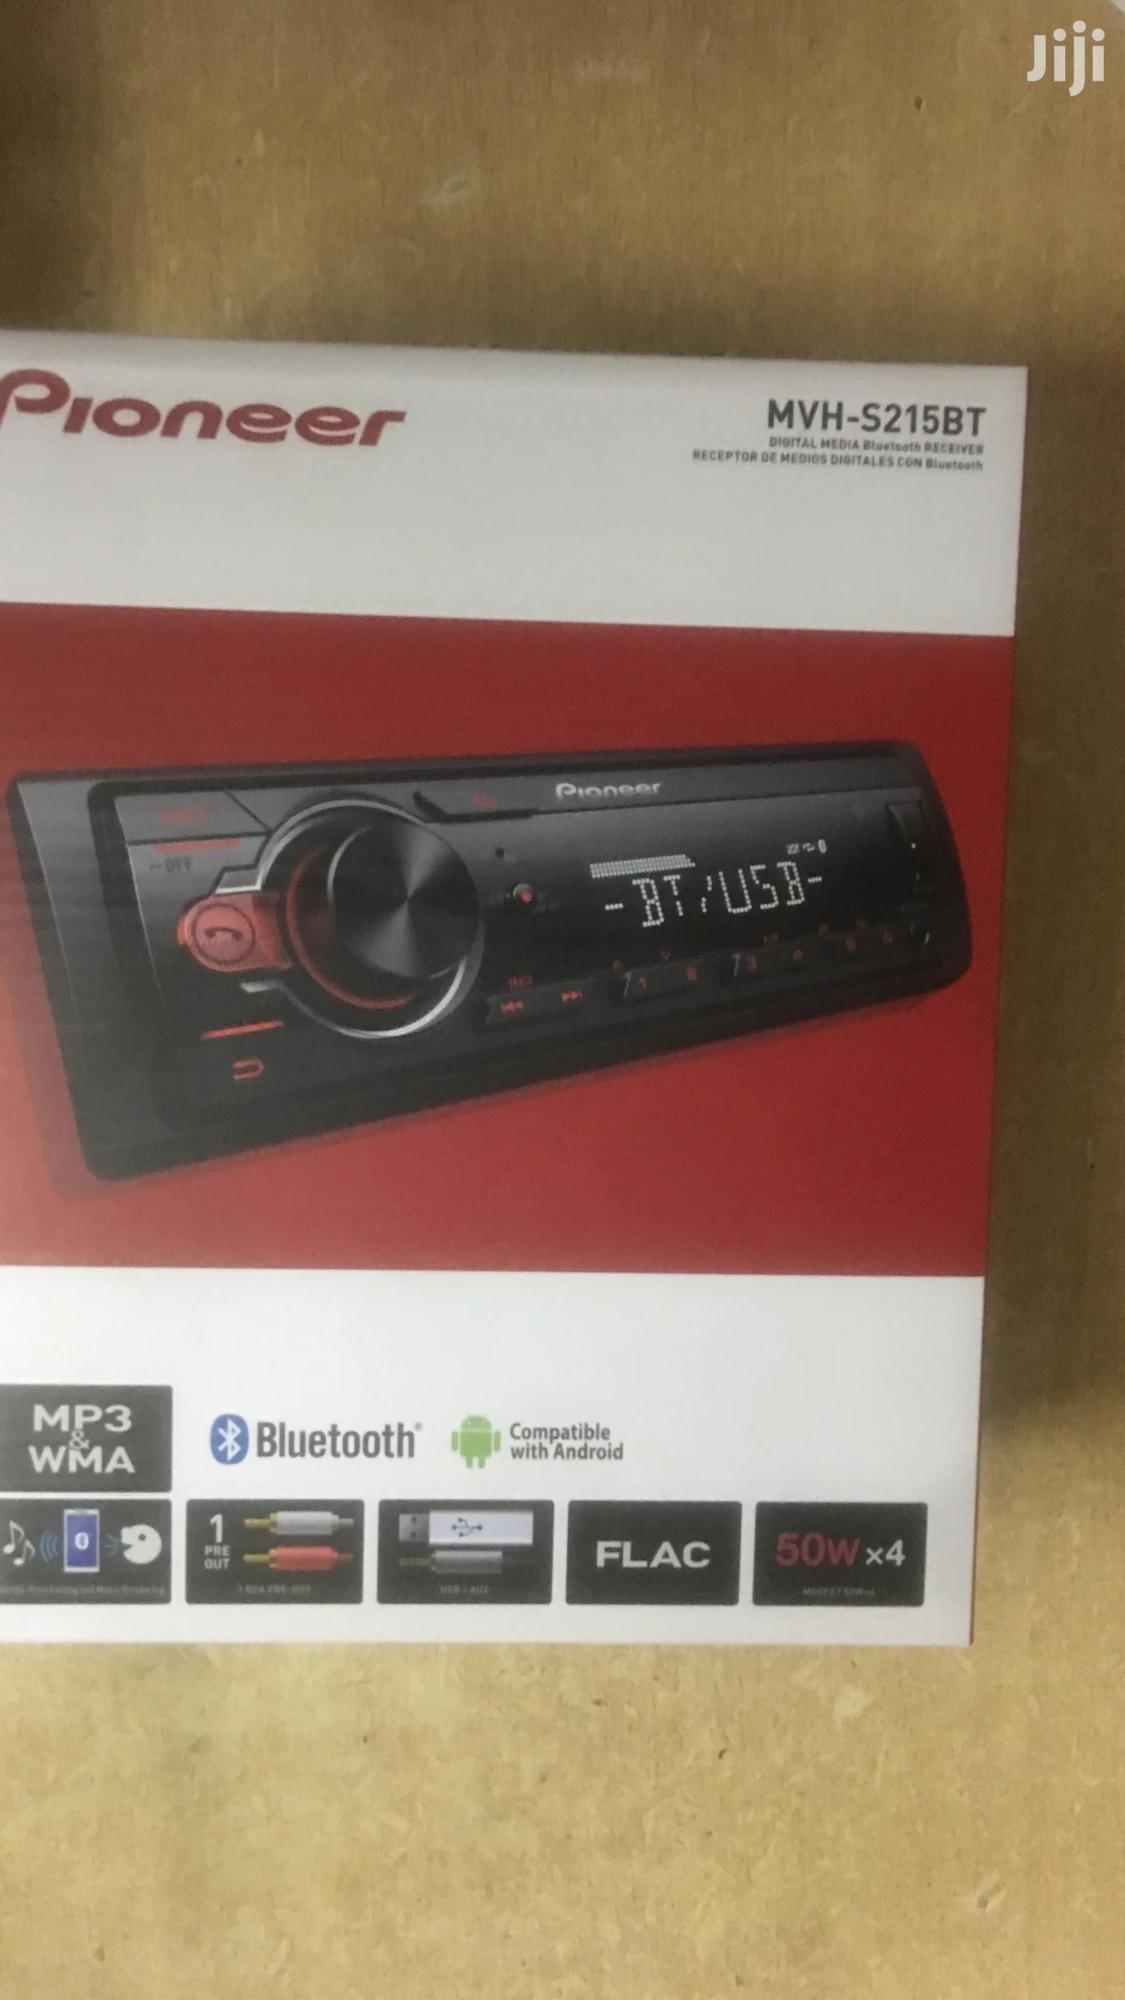 Pioneer Car Radio With Bluetooth, Fm, Usb